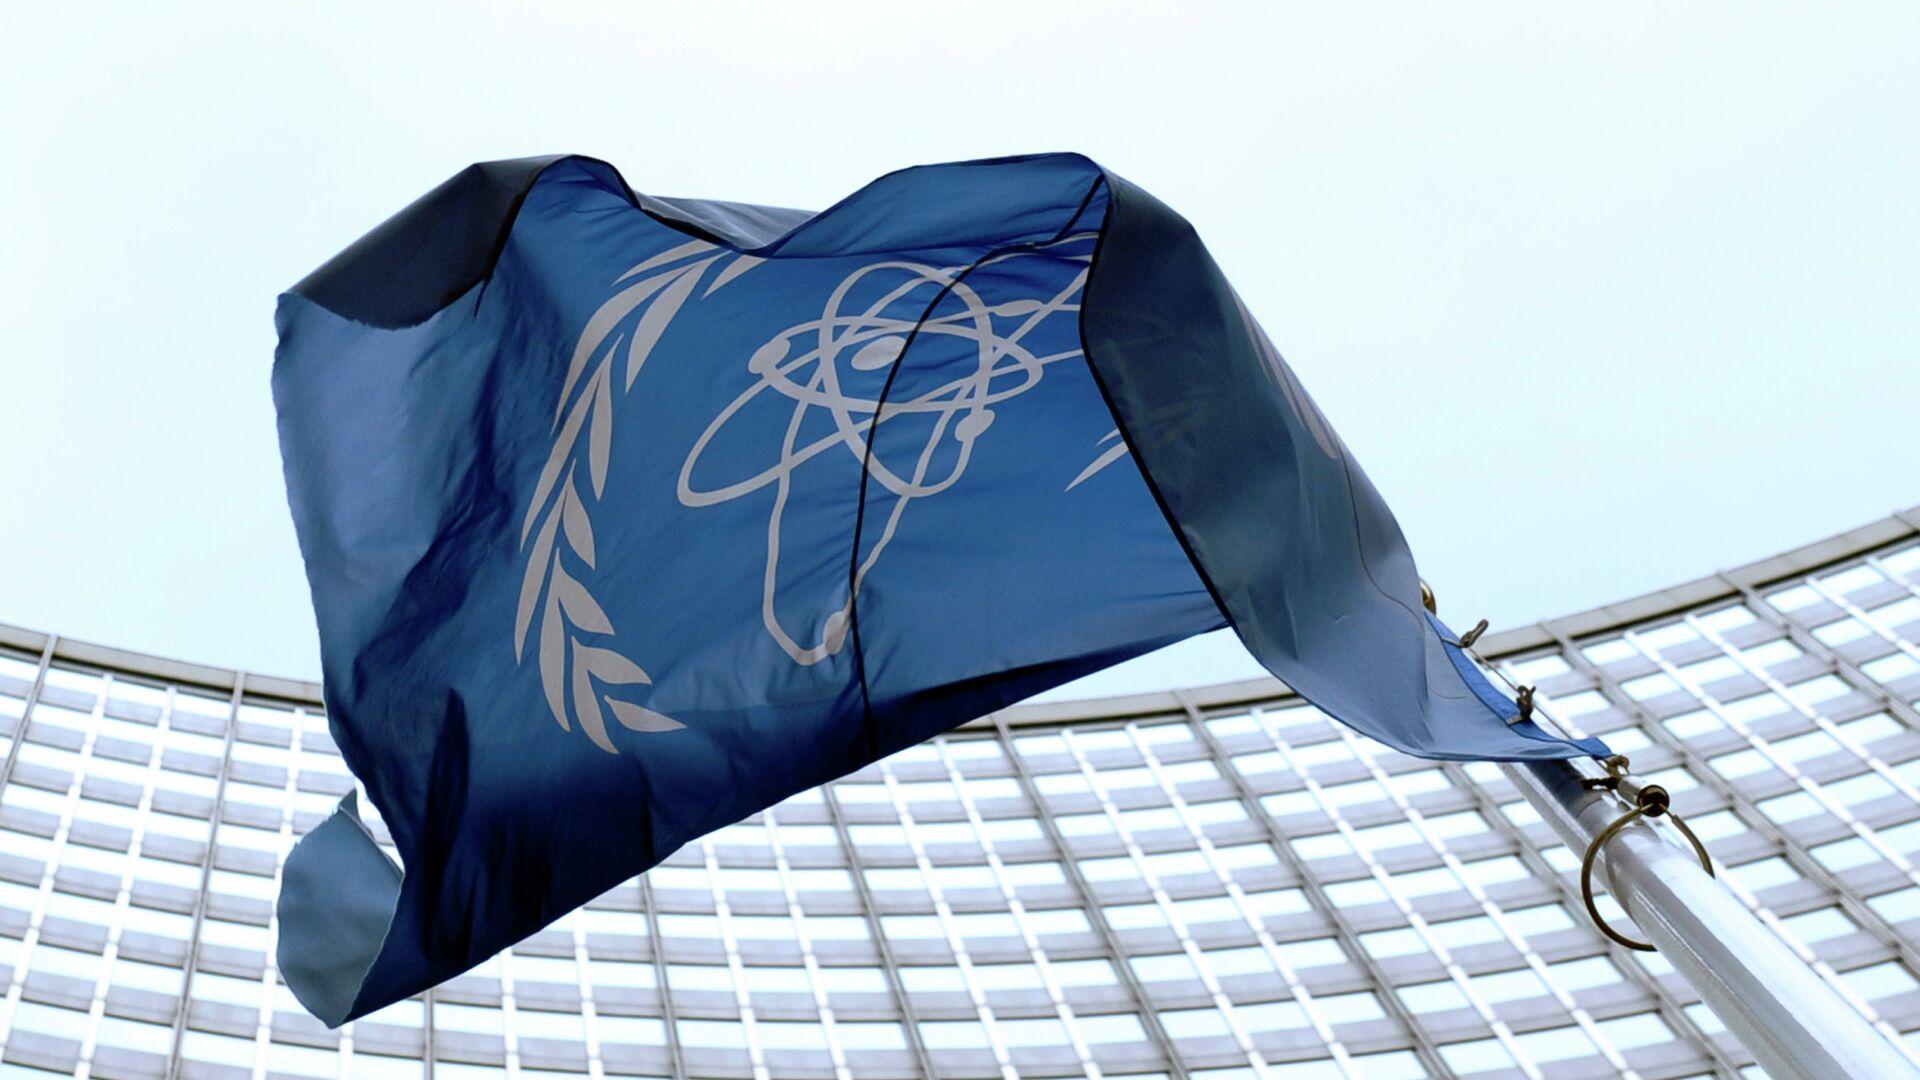 La bandera de la OIEA en Viena - Sputnik Mundo, 1920, 30.09.2021